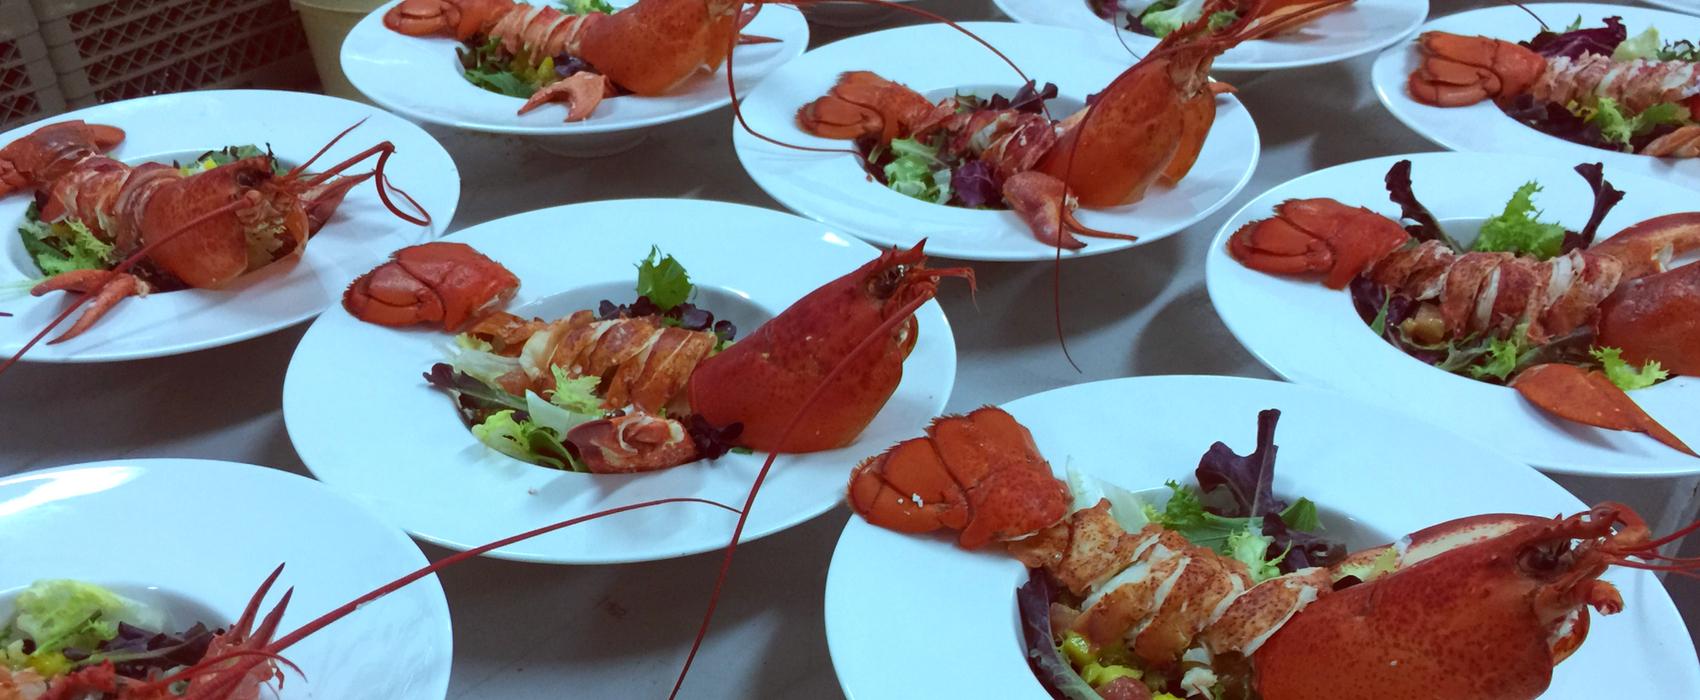 Gastronomía del evento